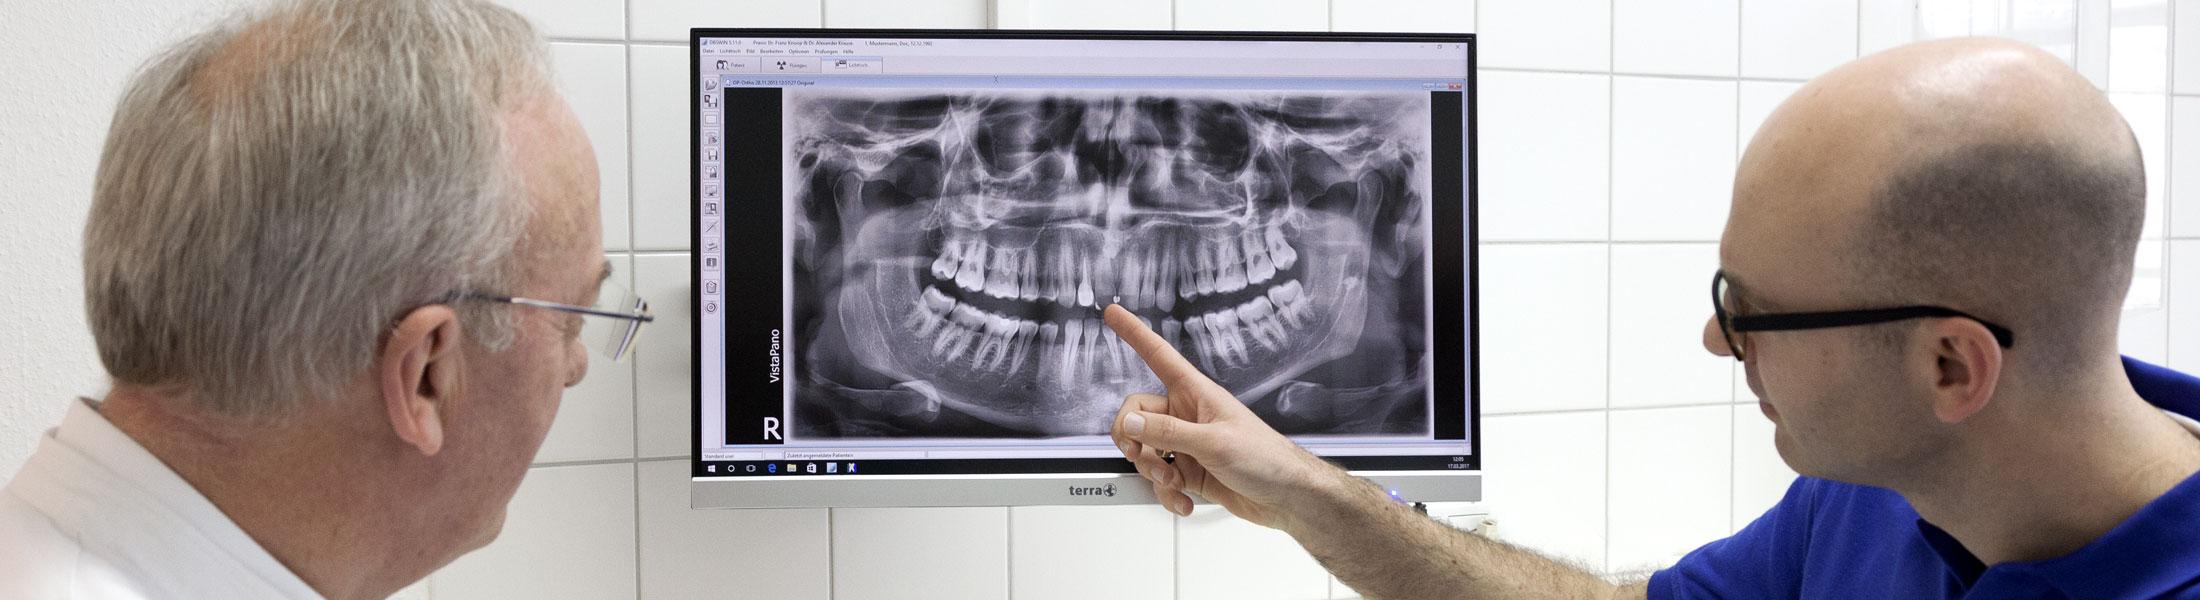 Beratung durch Zahnarzt in Praxis Hiddenhausen